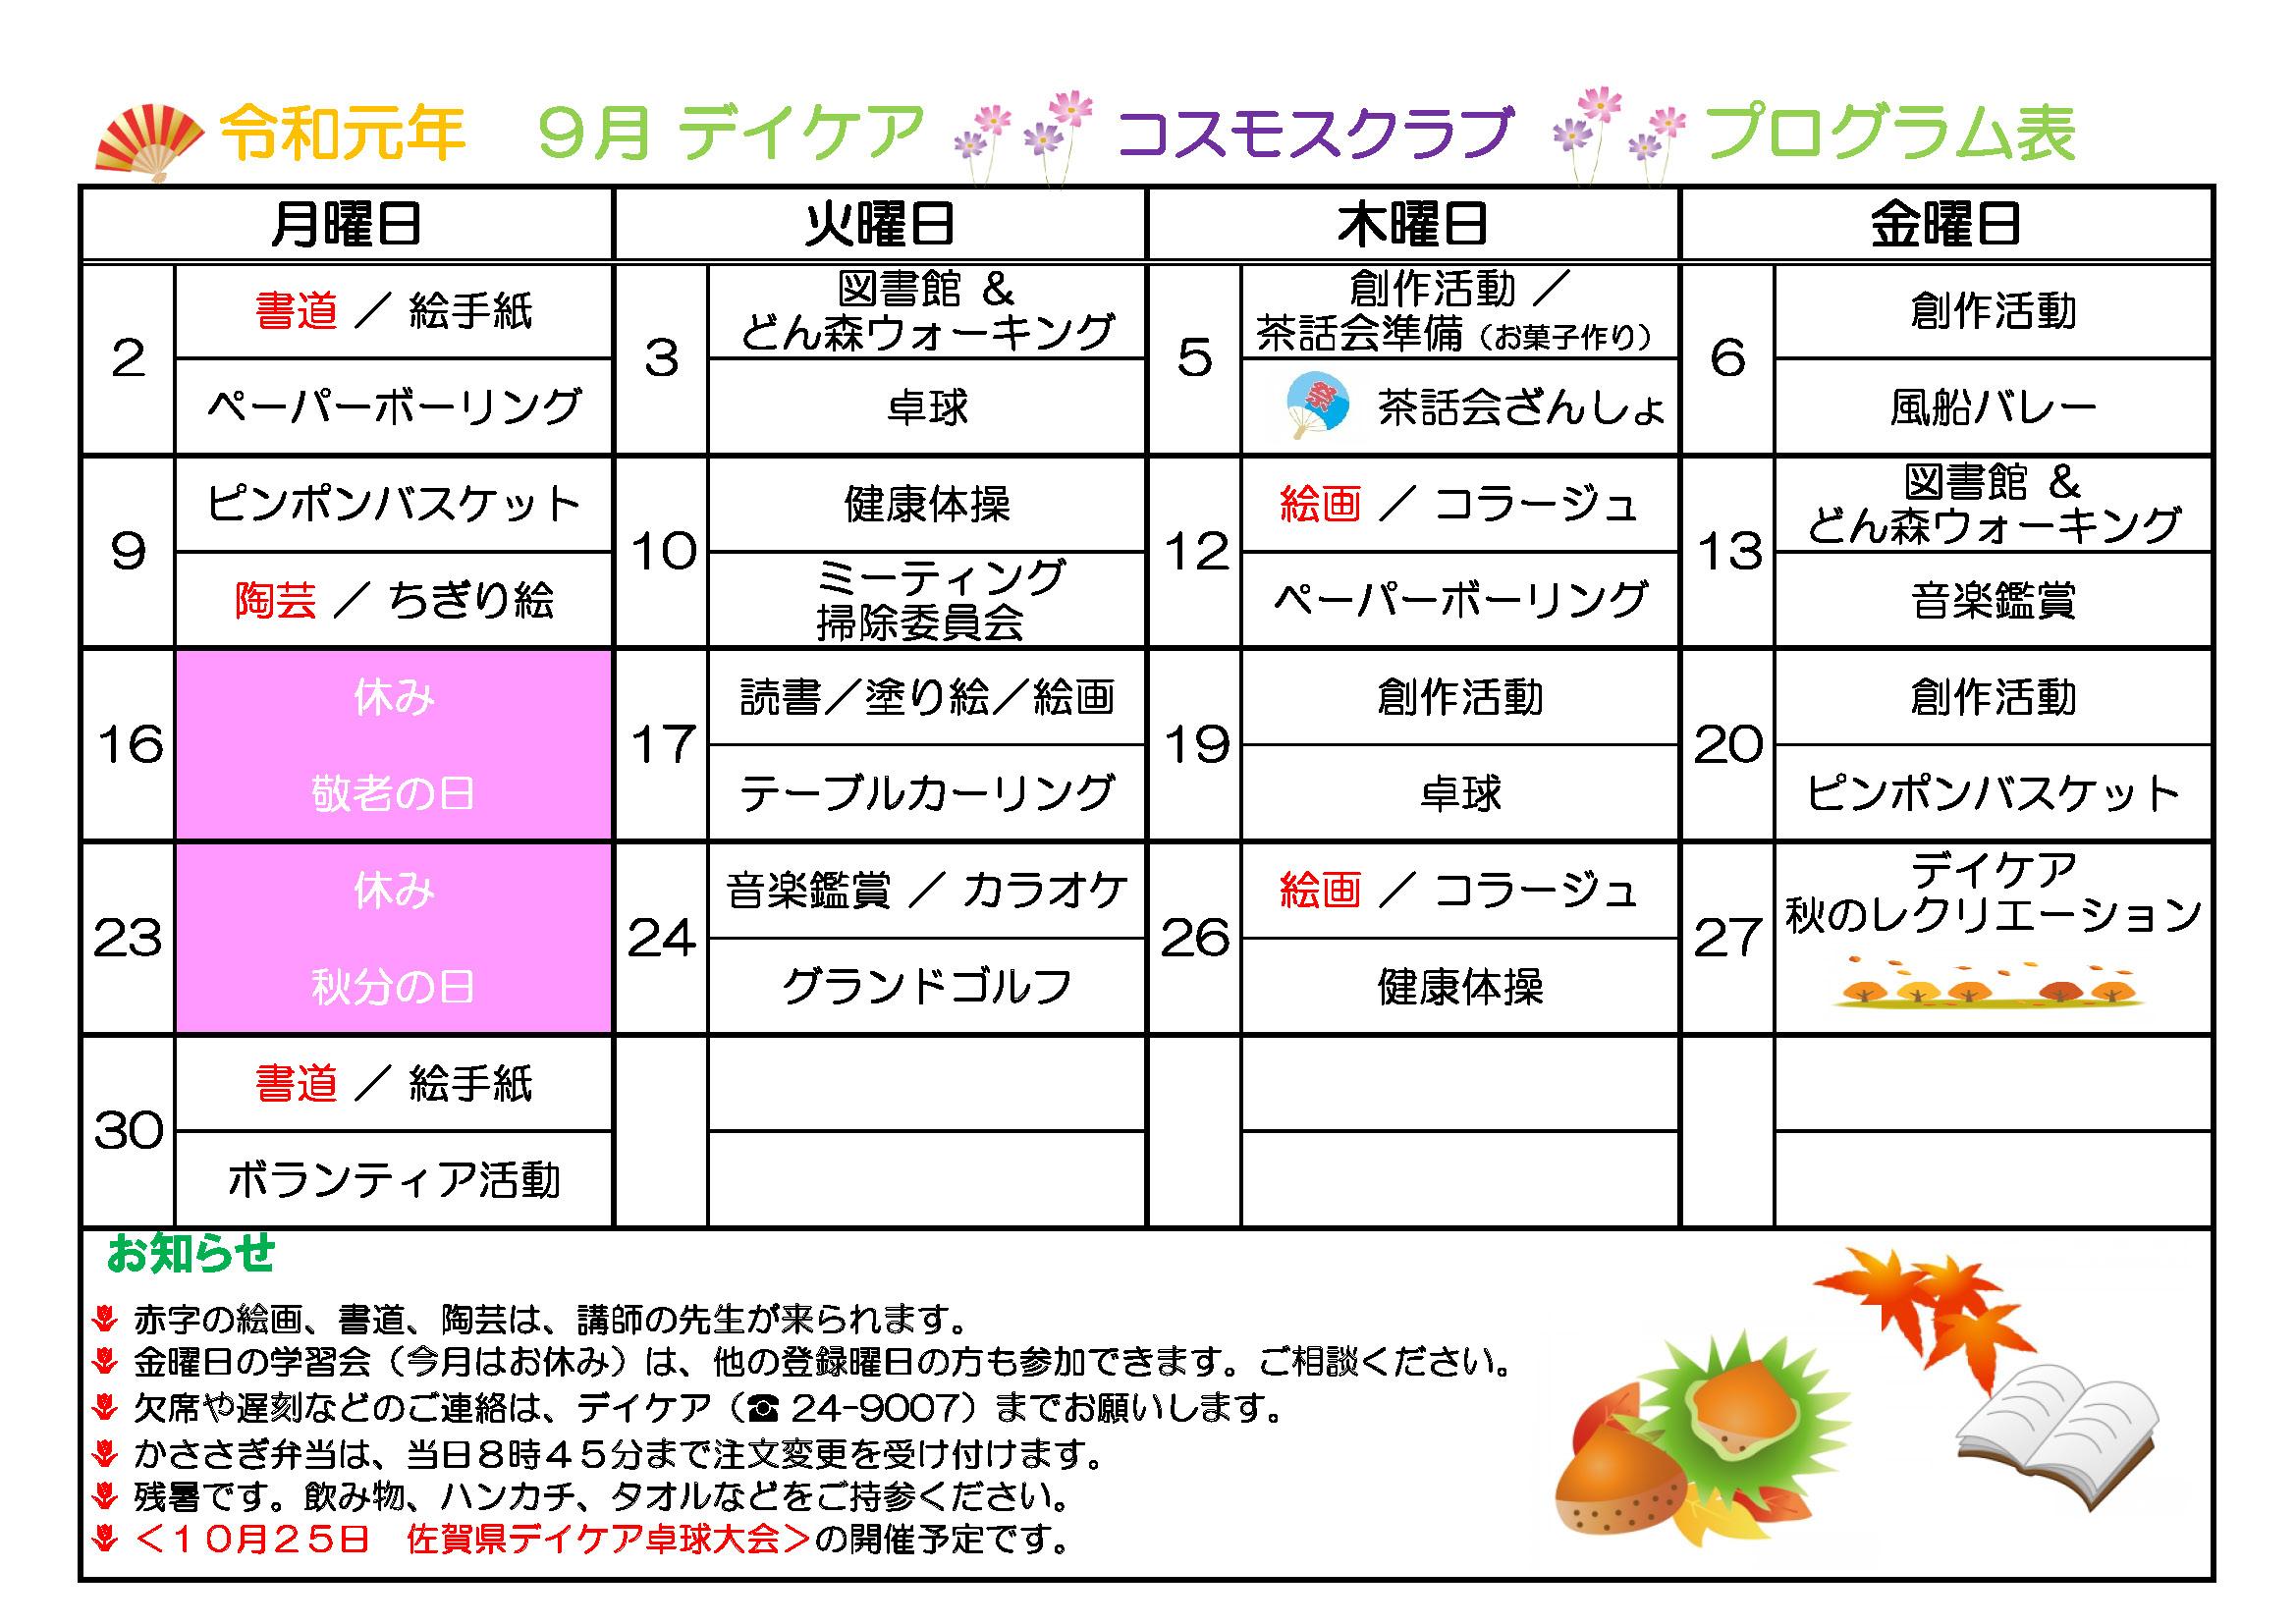 2019年9月プログラム表